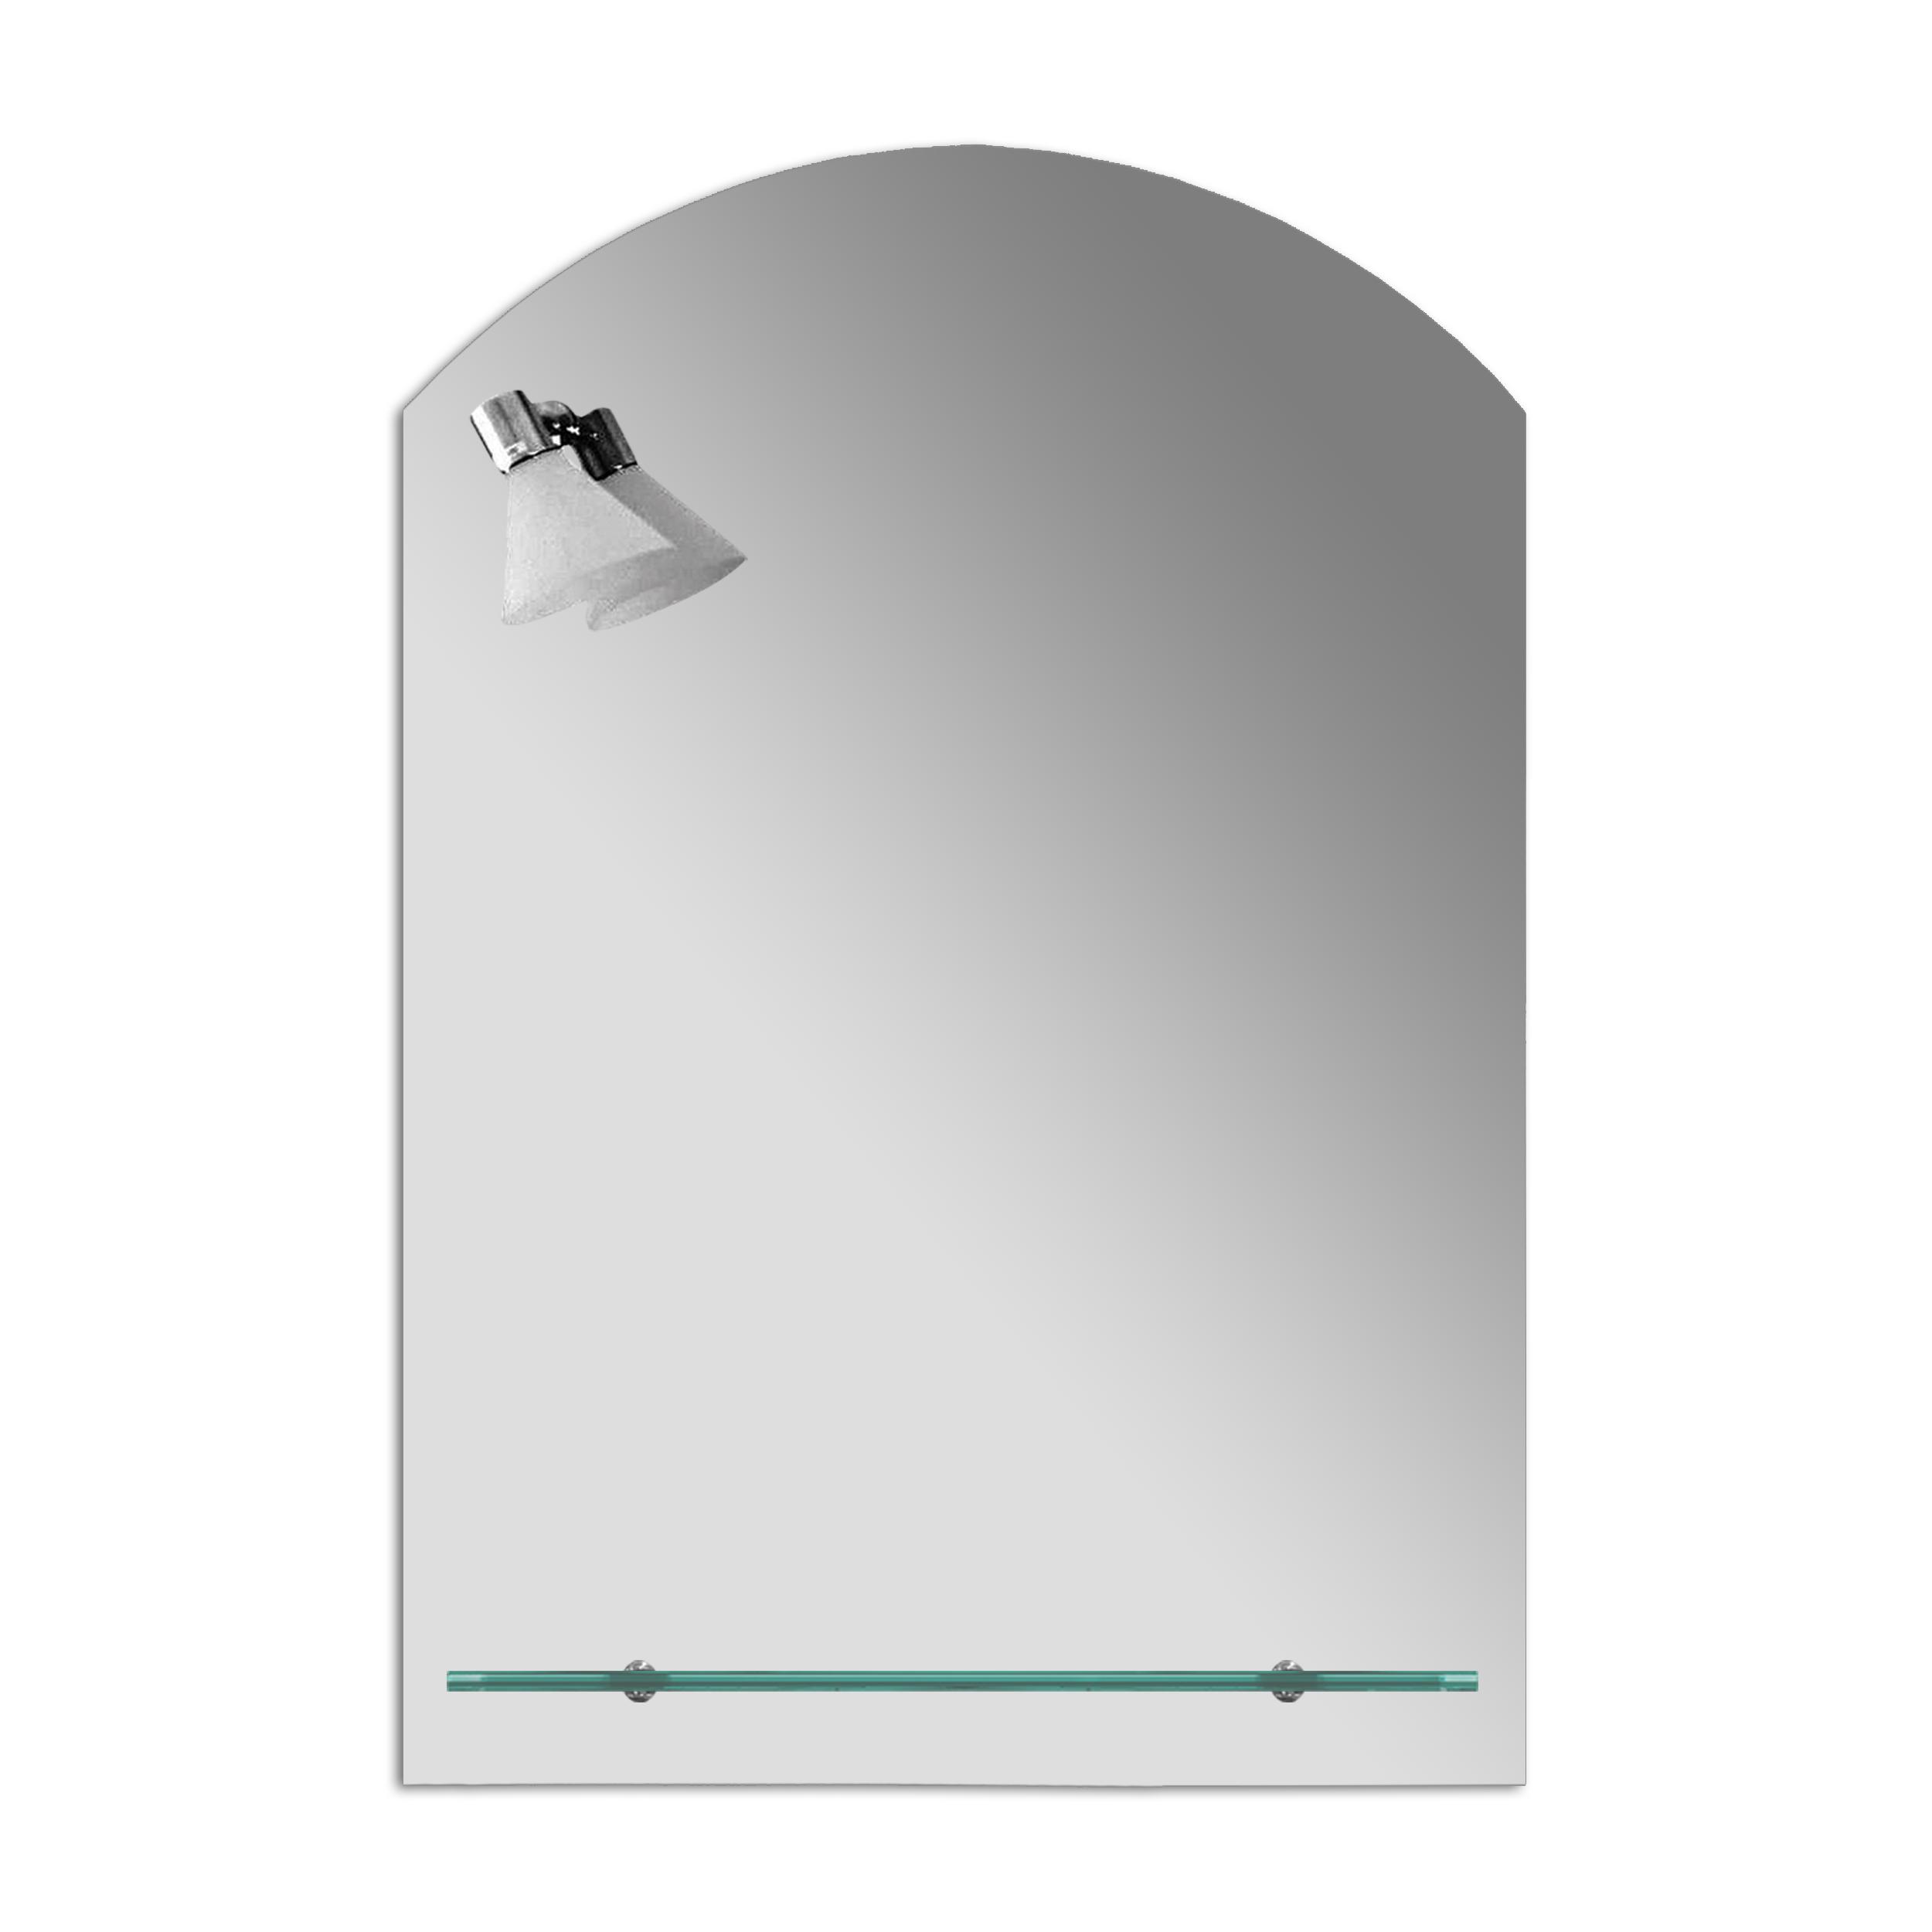 Badspiegel Spiegel Mit Ablage Und Beleuchtung Badezimmerspiegel Gäste Wc Led Lampe Links 60 X 80 Cm 776910 Desto Shop24